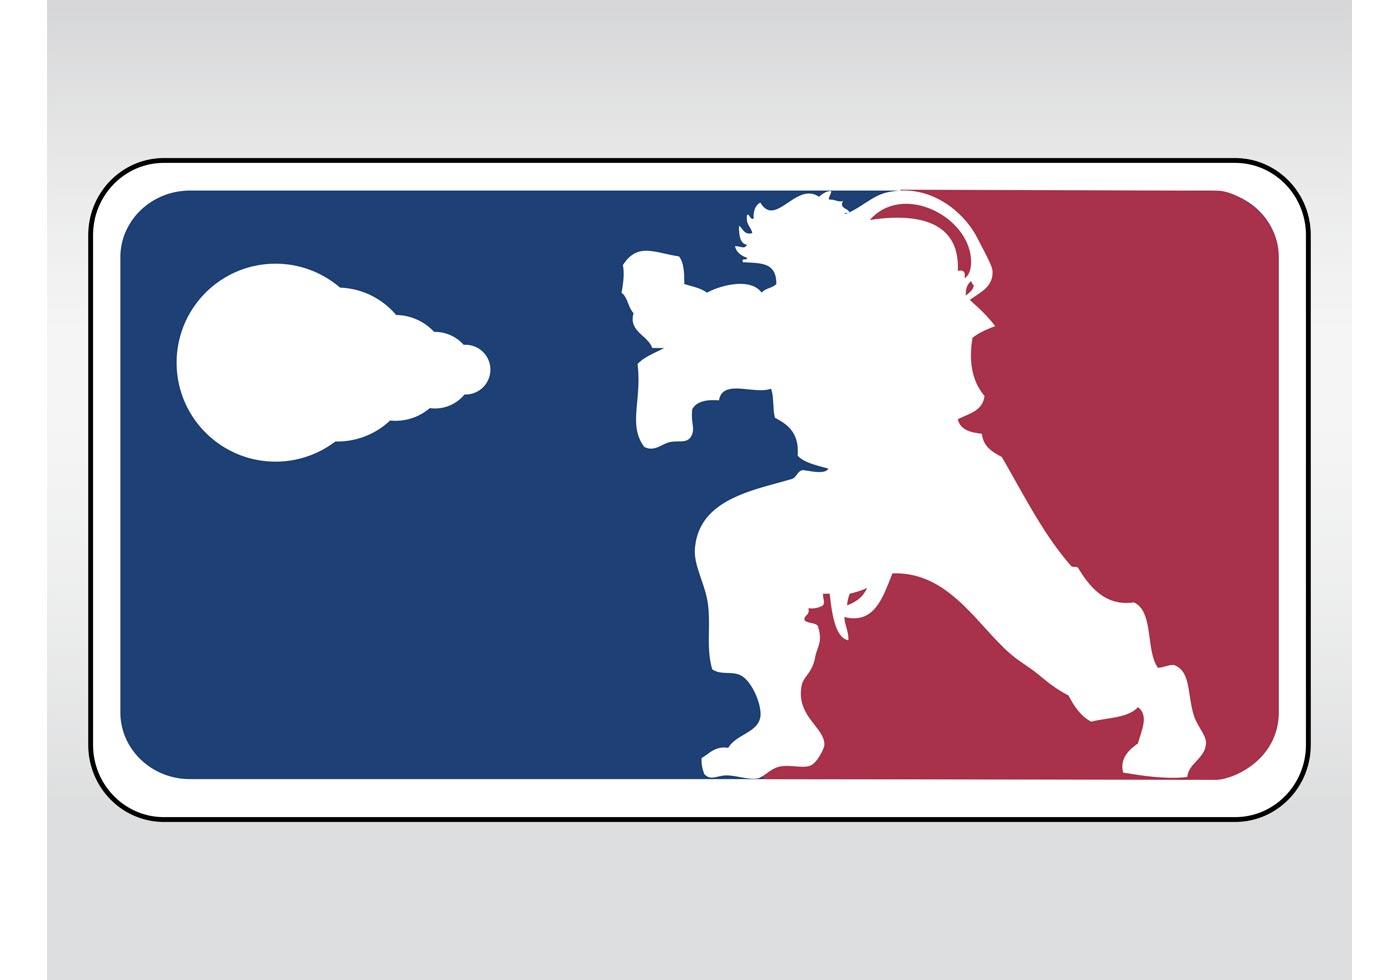 Street Fighter Vector - Download Free Vector Art, Stock ...